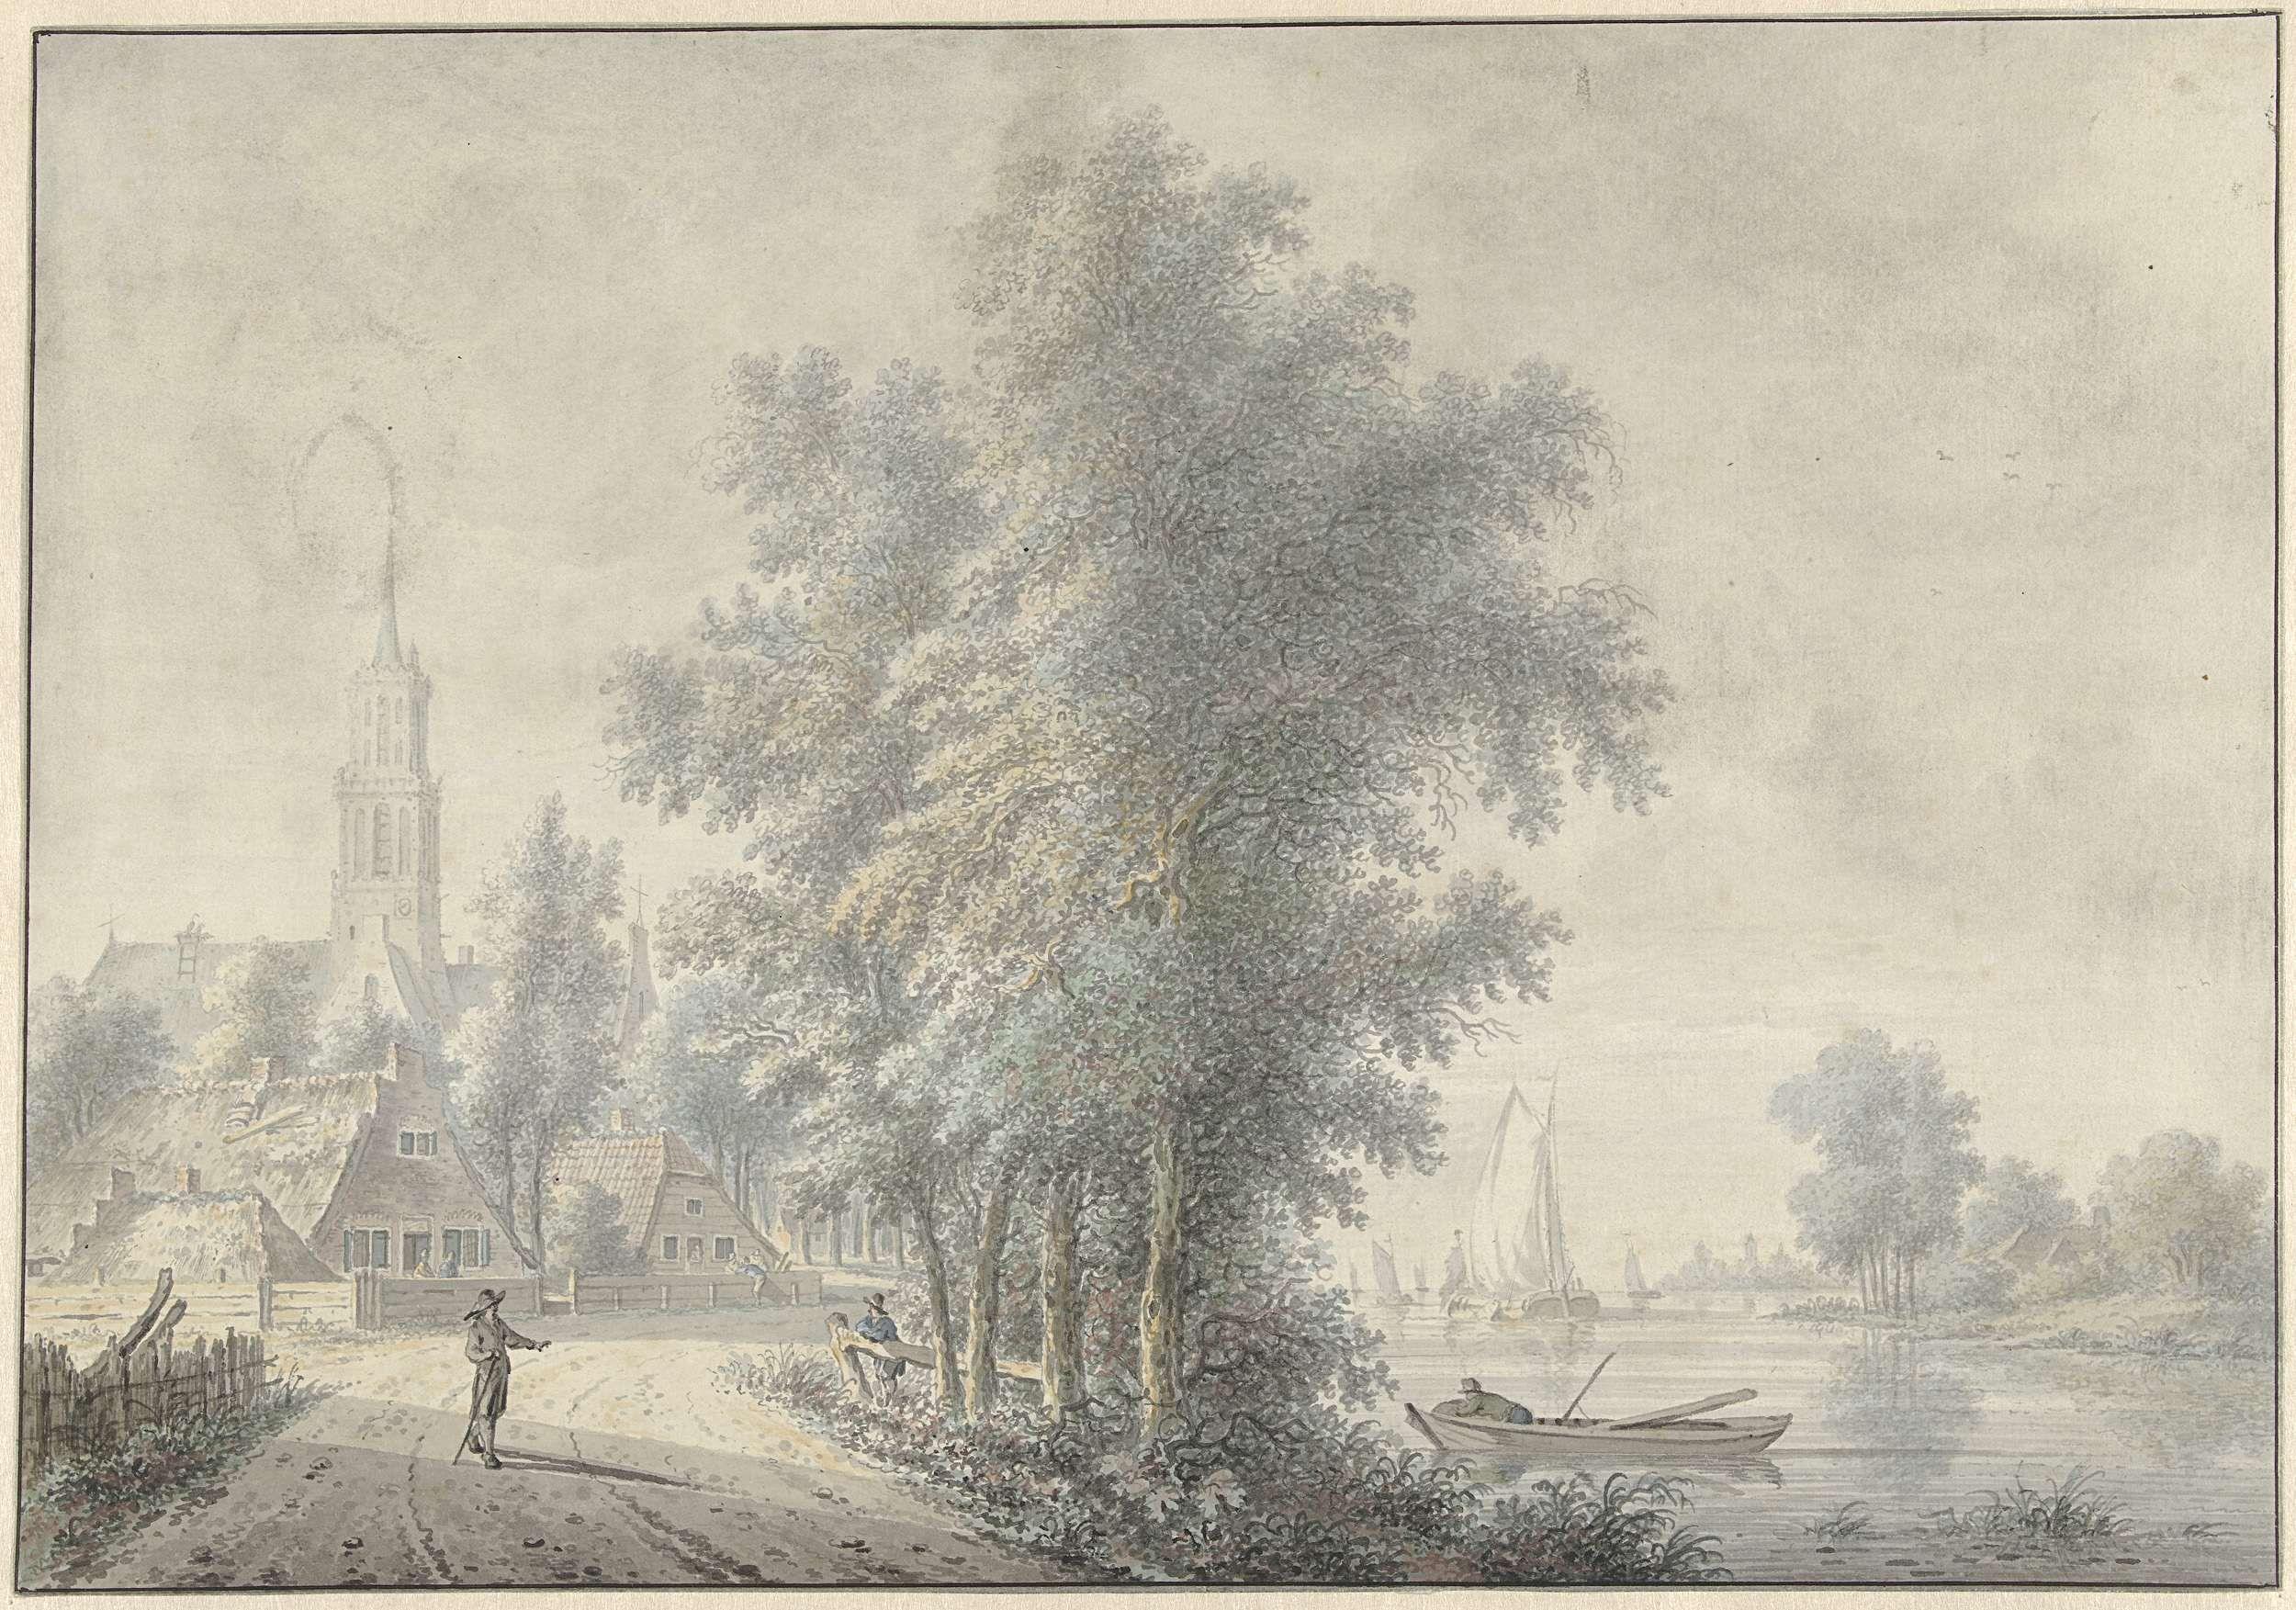 Nicolaas Wicart | Gezicht op een dorp met kerktoren, Nicolaas Wicart, 1758 - 1815 | Gezicht op een dorp met kerktoren; rechts een rivier met schepen.